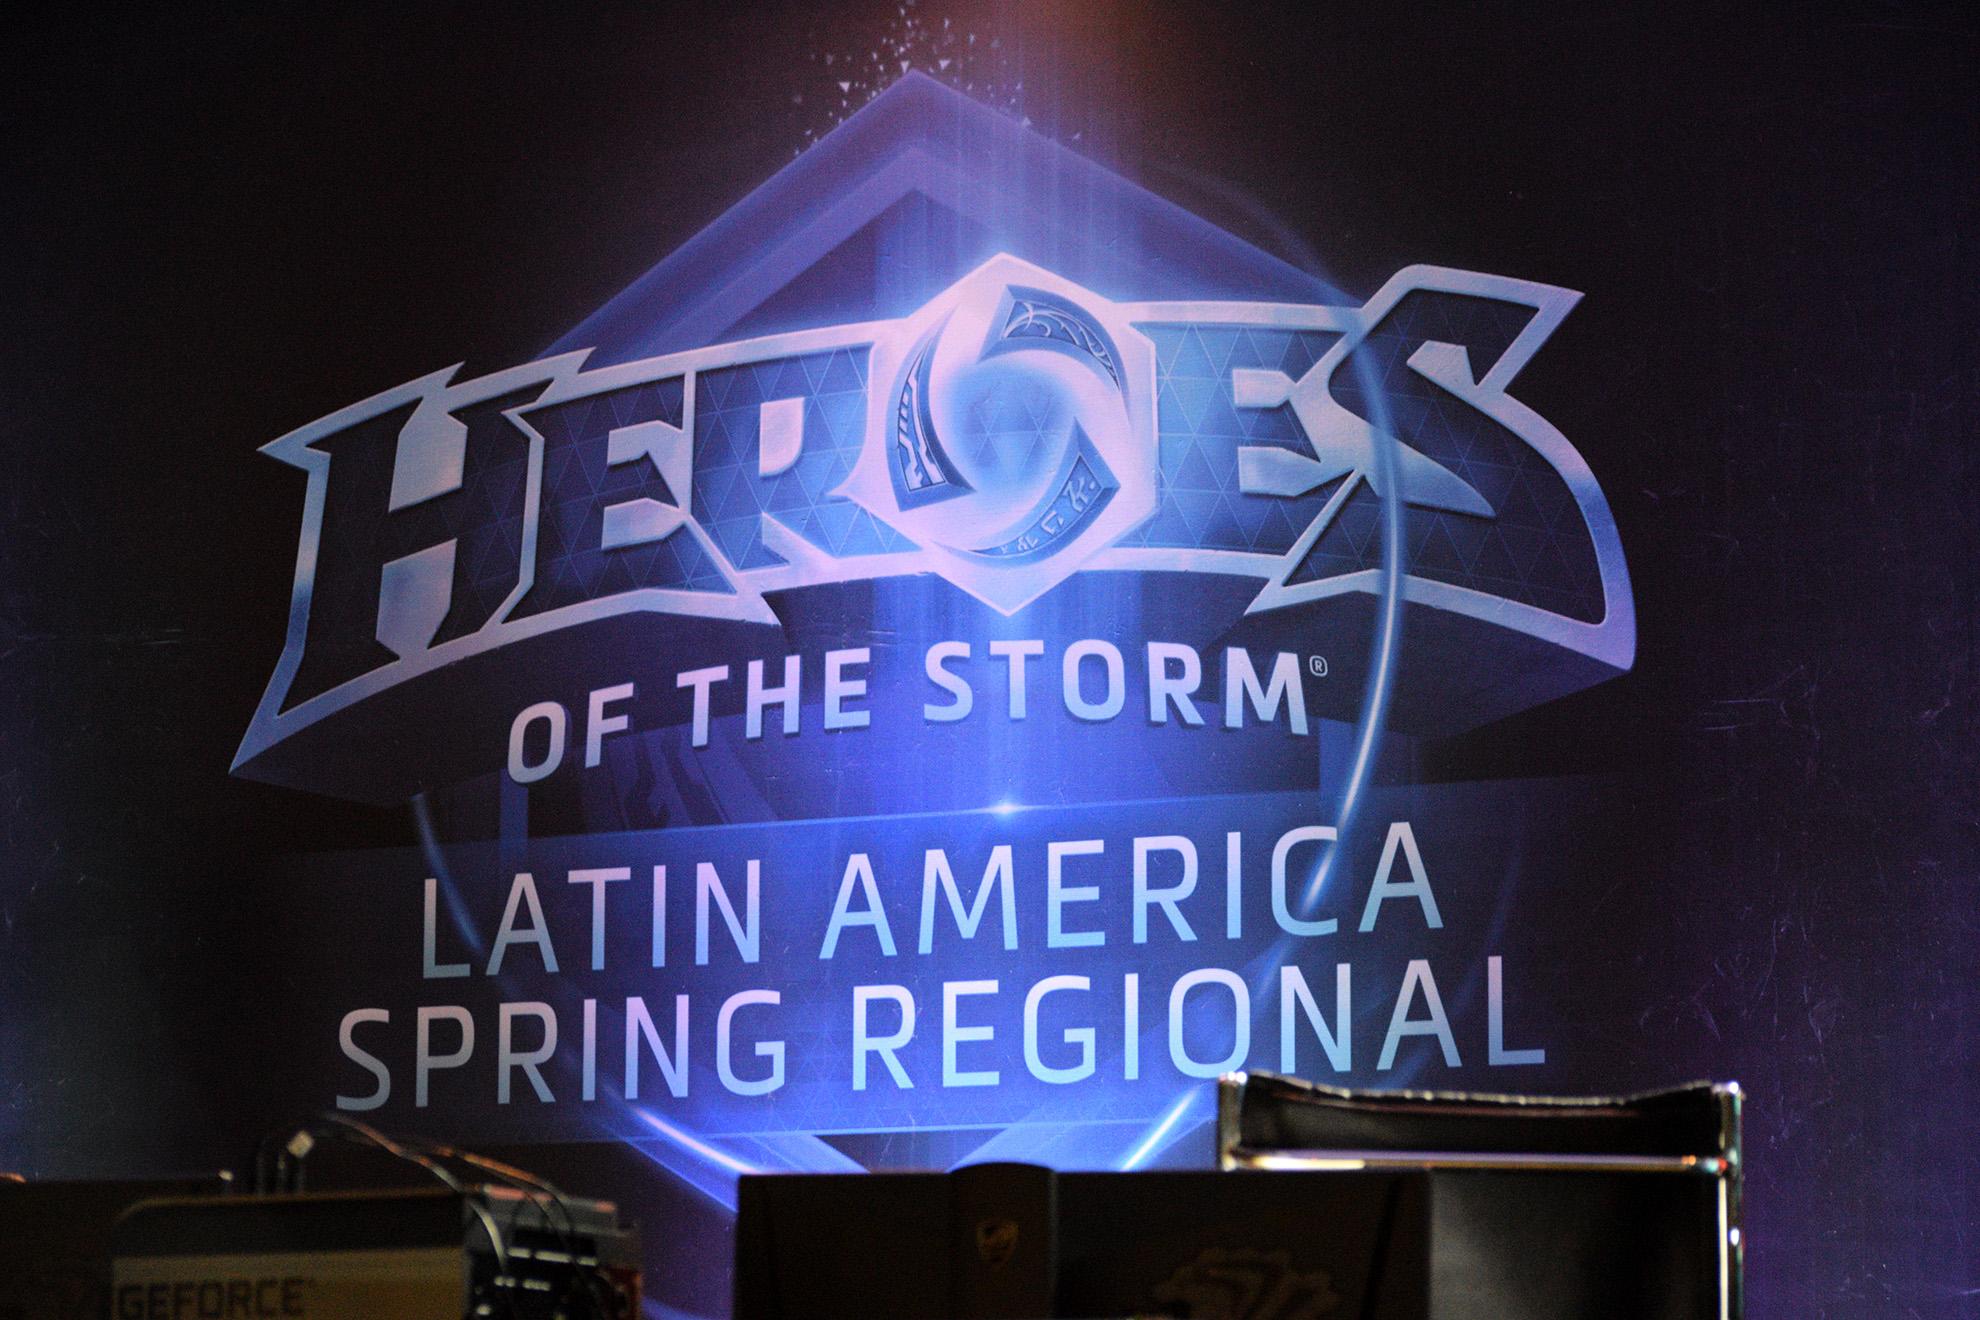 Saiba tudo sobre a conquista da Big Gods no regional de Heroes of the Storm